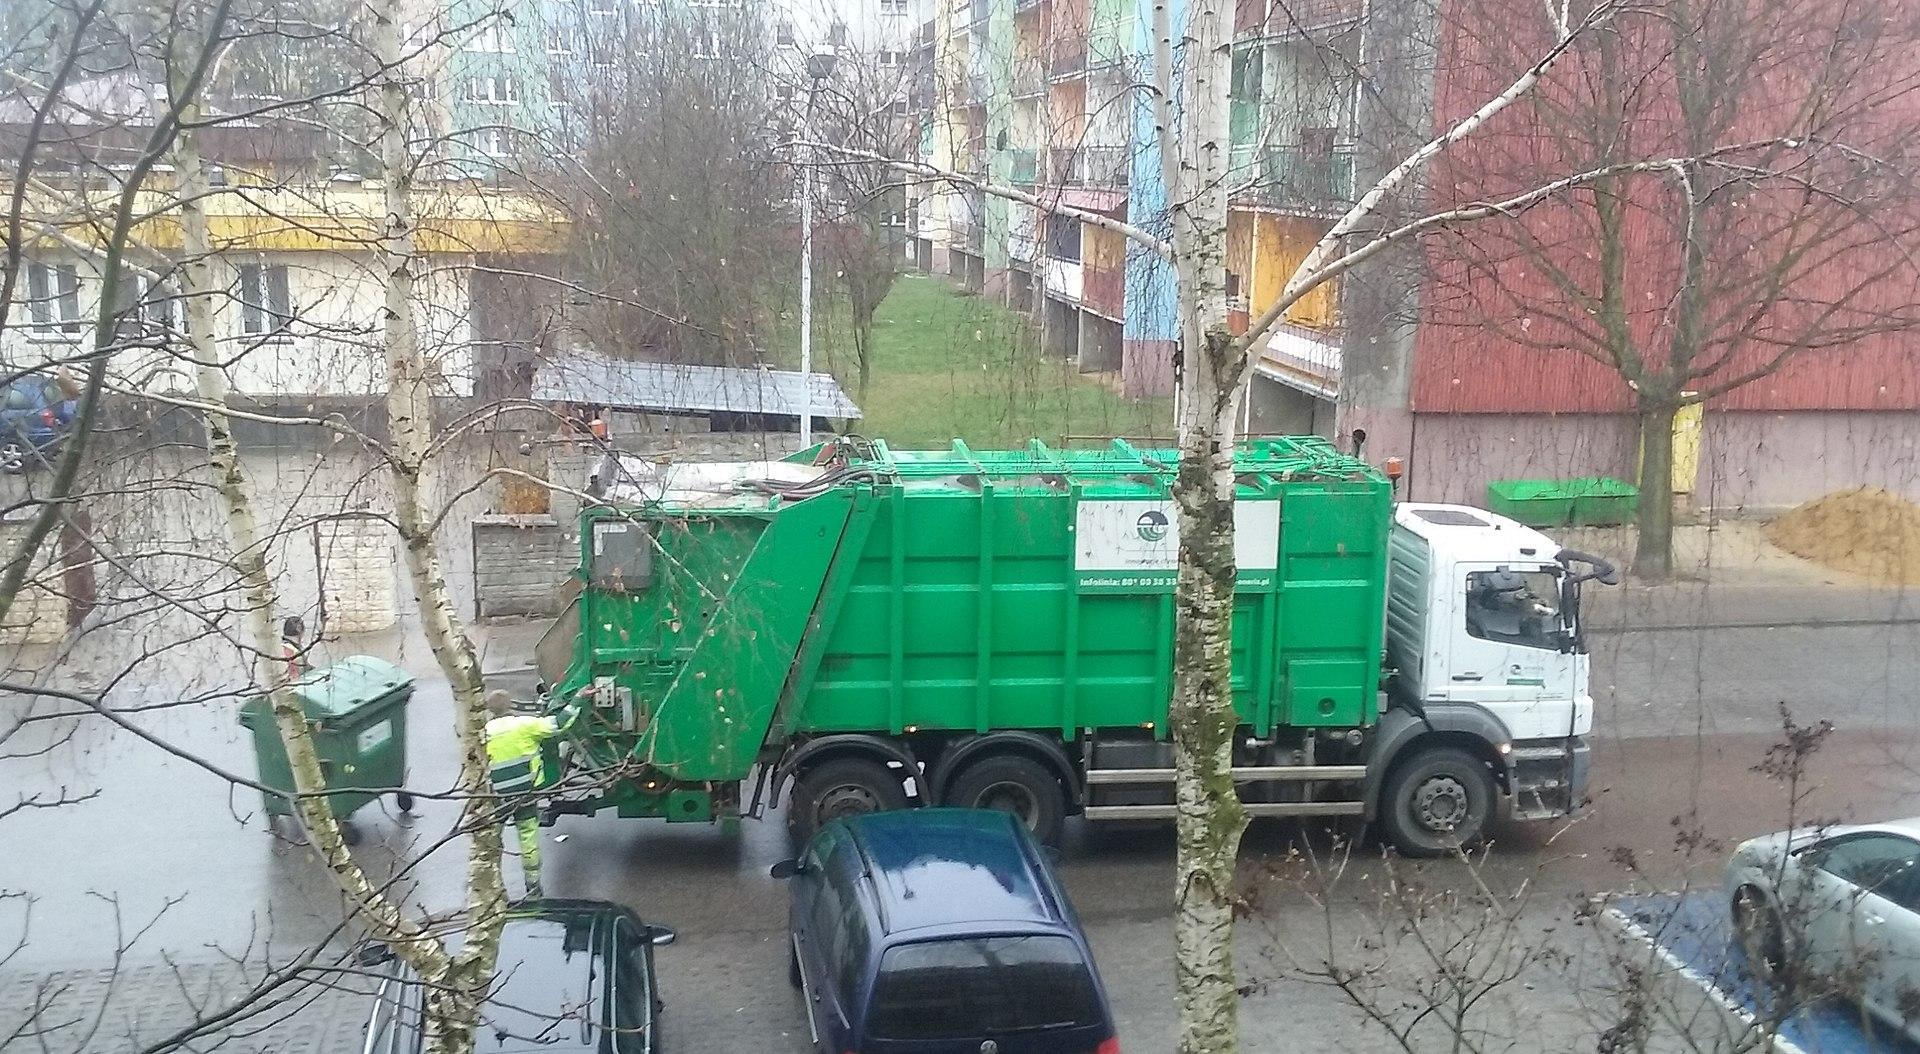 Huge_Garbage_Truck___20191031012440___.jpg